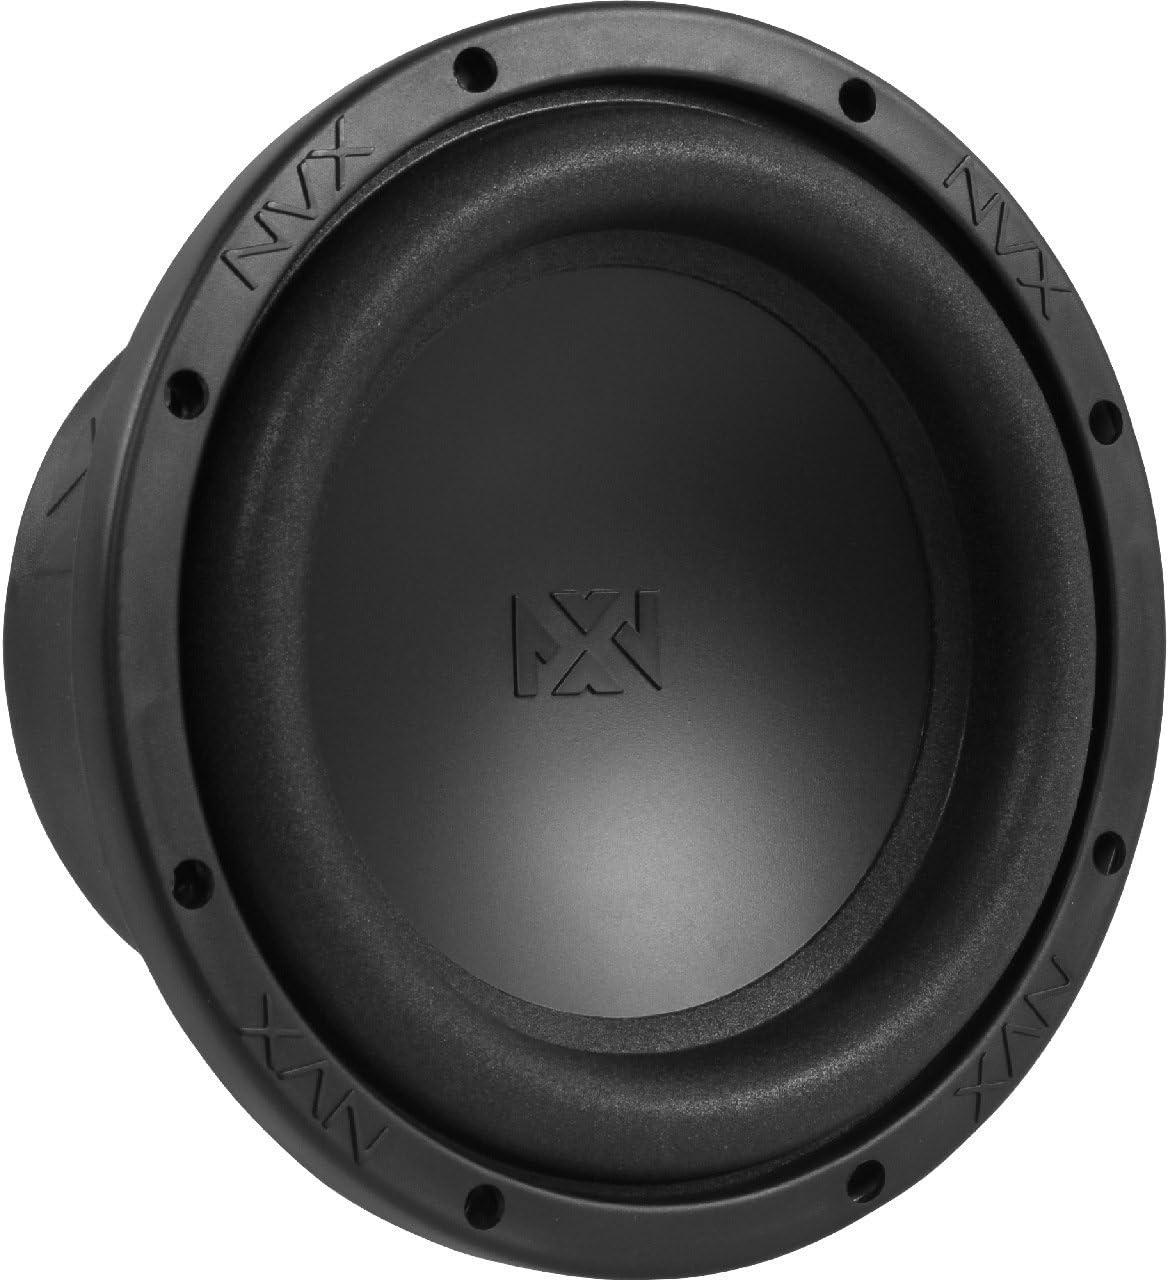 NVM VSW84V2 8-Inch Professional Subwoofer - Best 8 Inch Subwoofer Car Audio